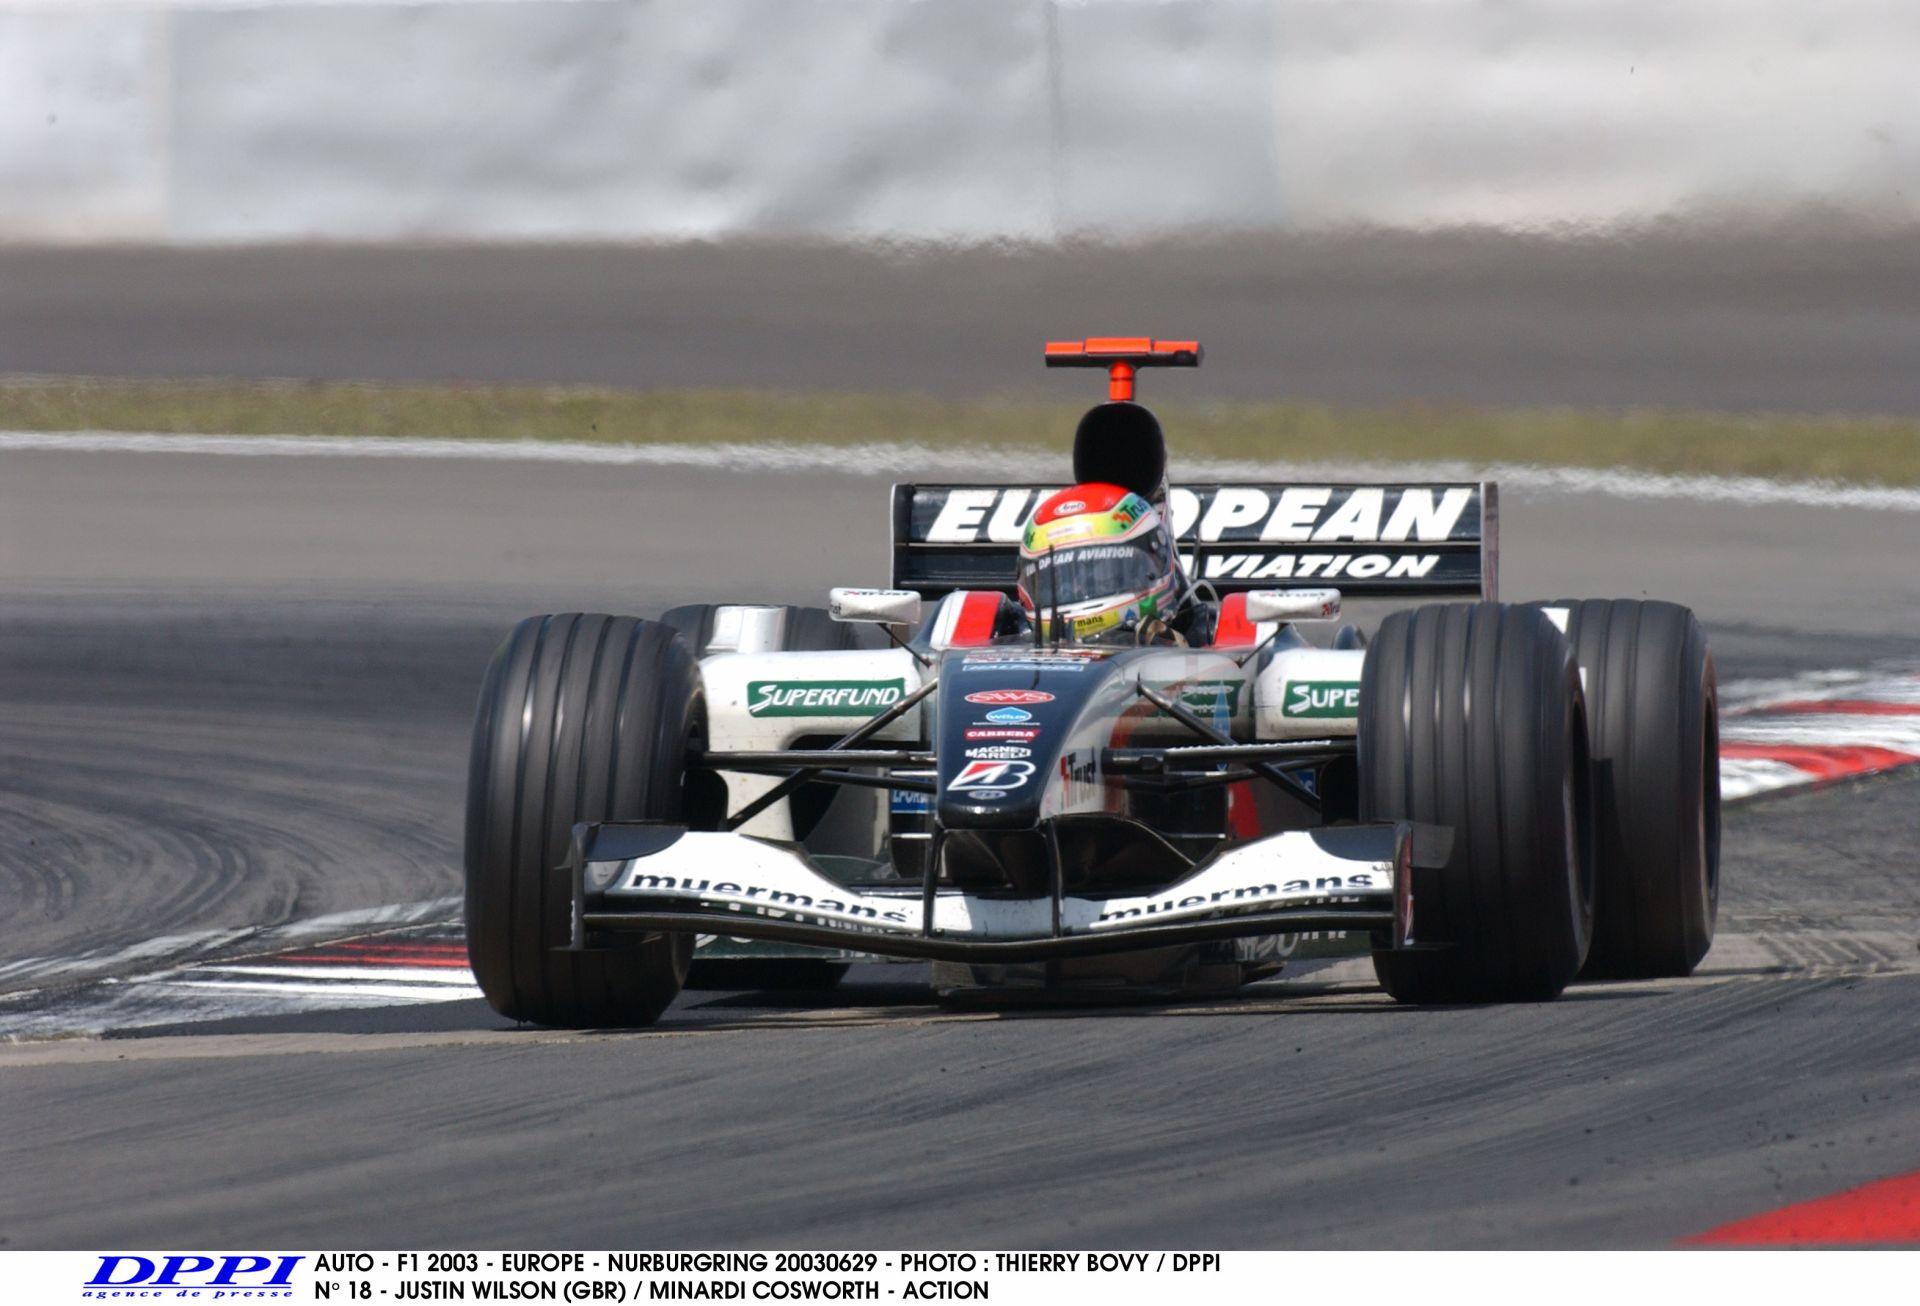 Képekben a nemrég elhunyt Justin Wilson F1-es karrierje